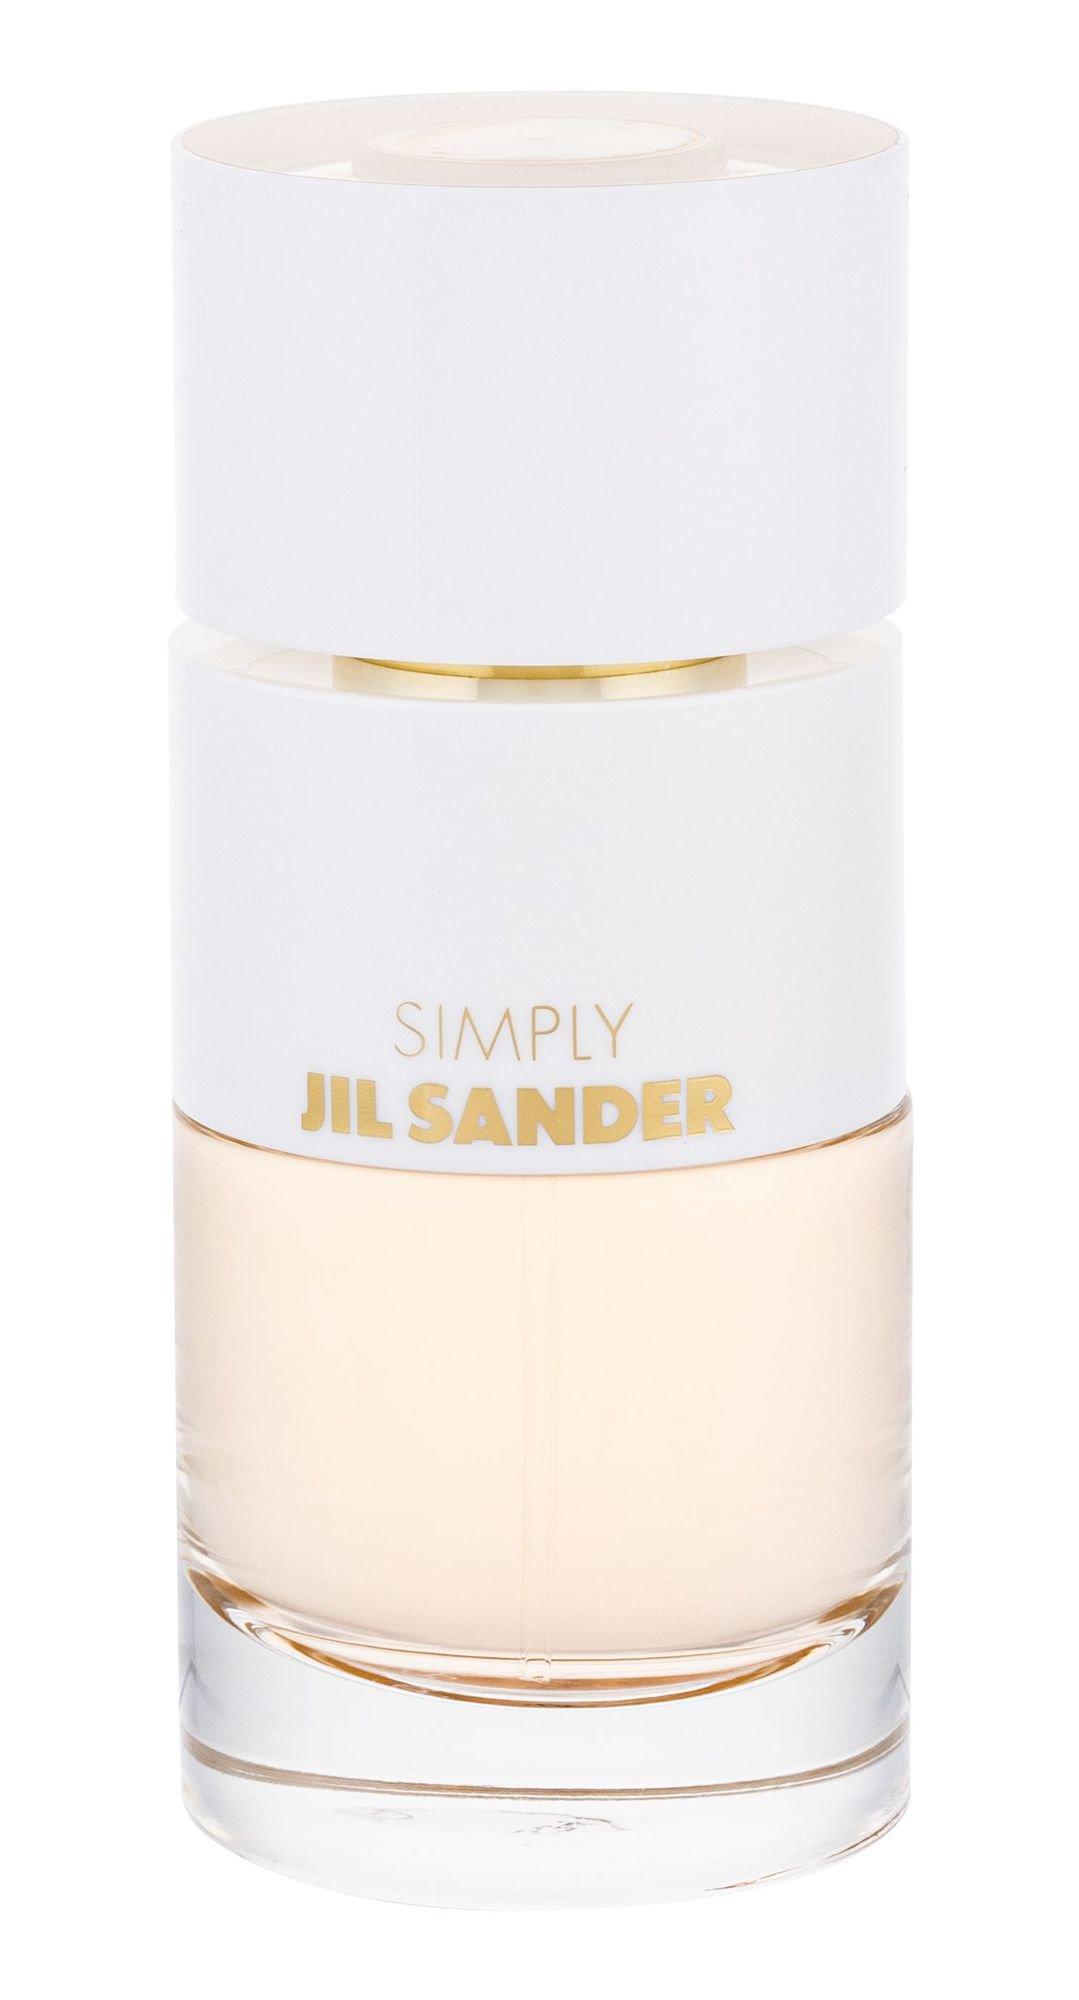 Jil Sander Simply Jil Sander, Toaletná voda 60ml - Tester